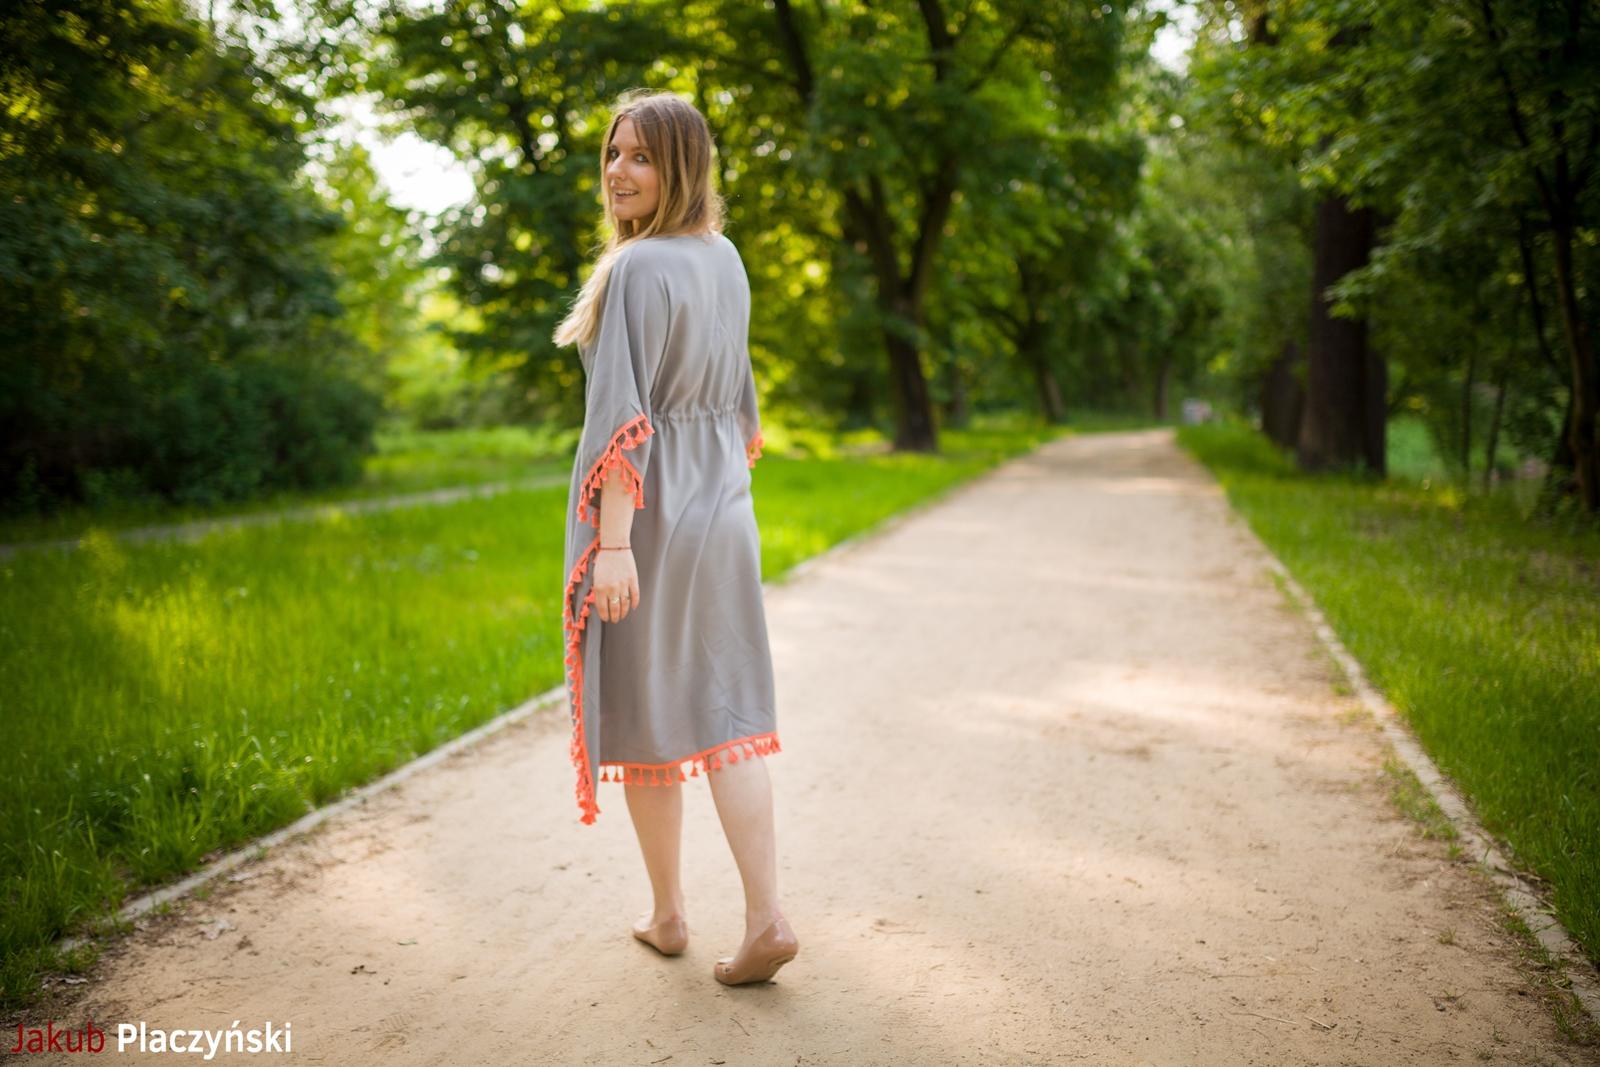 7  sukienka szara z frędzlami maxi na lato bonprix sukienki na wakacje bizuteria piotrowski kryształy svarowskiego letnia stylizacja melodylaniella buty masujące nogi oka-b mivo shoes